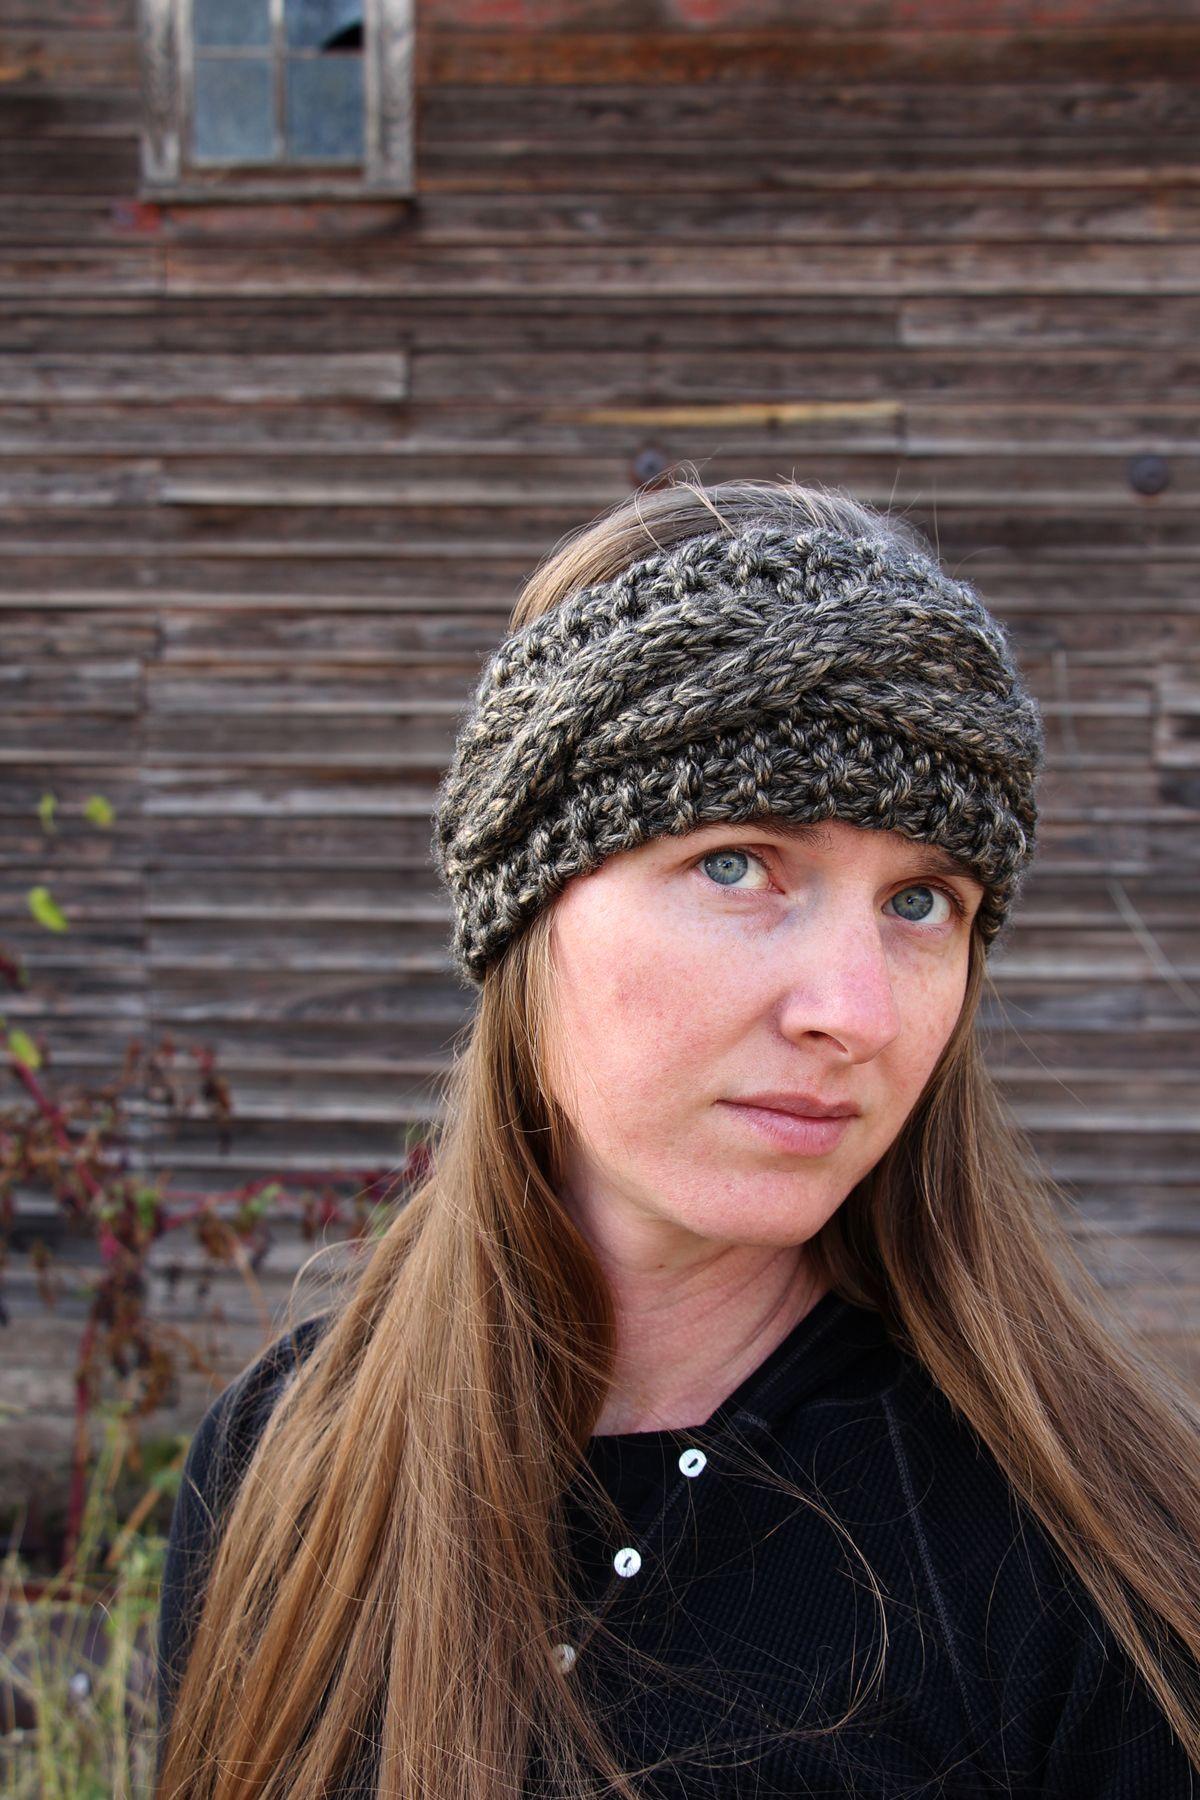 Cable Knit Headband Free Knitting Pattern | KNITTING HATS ...